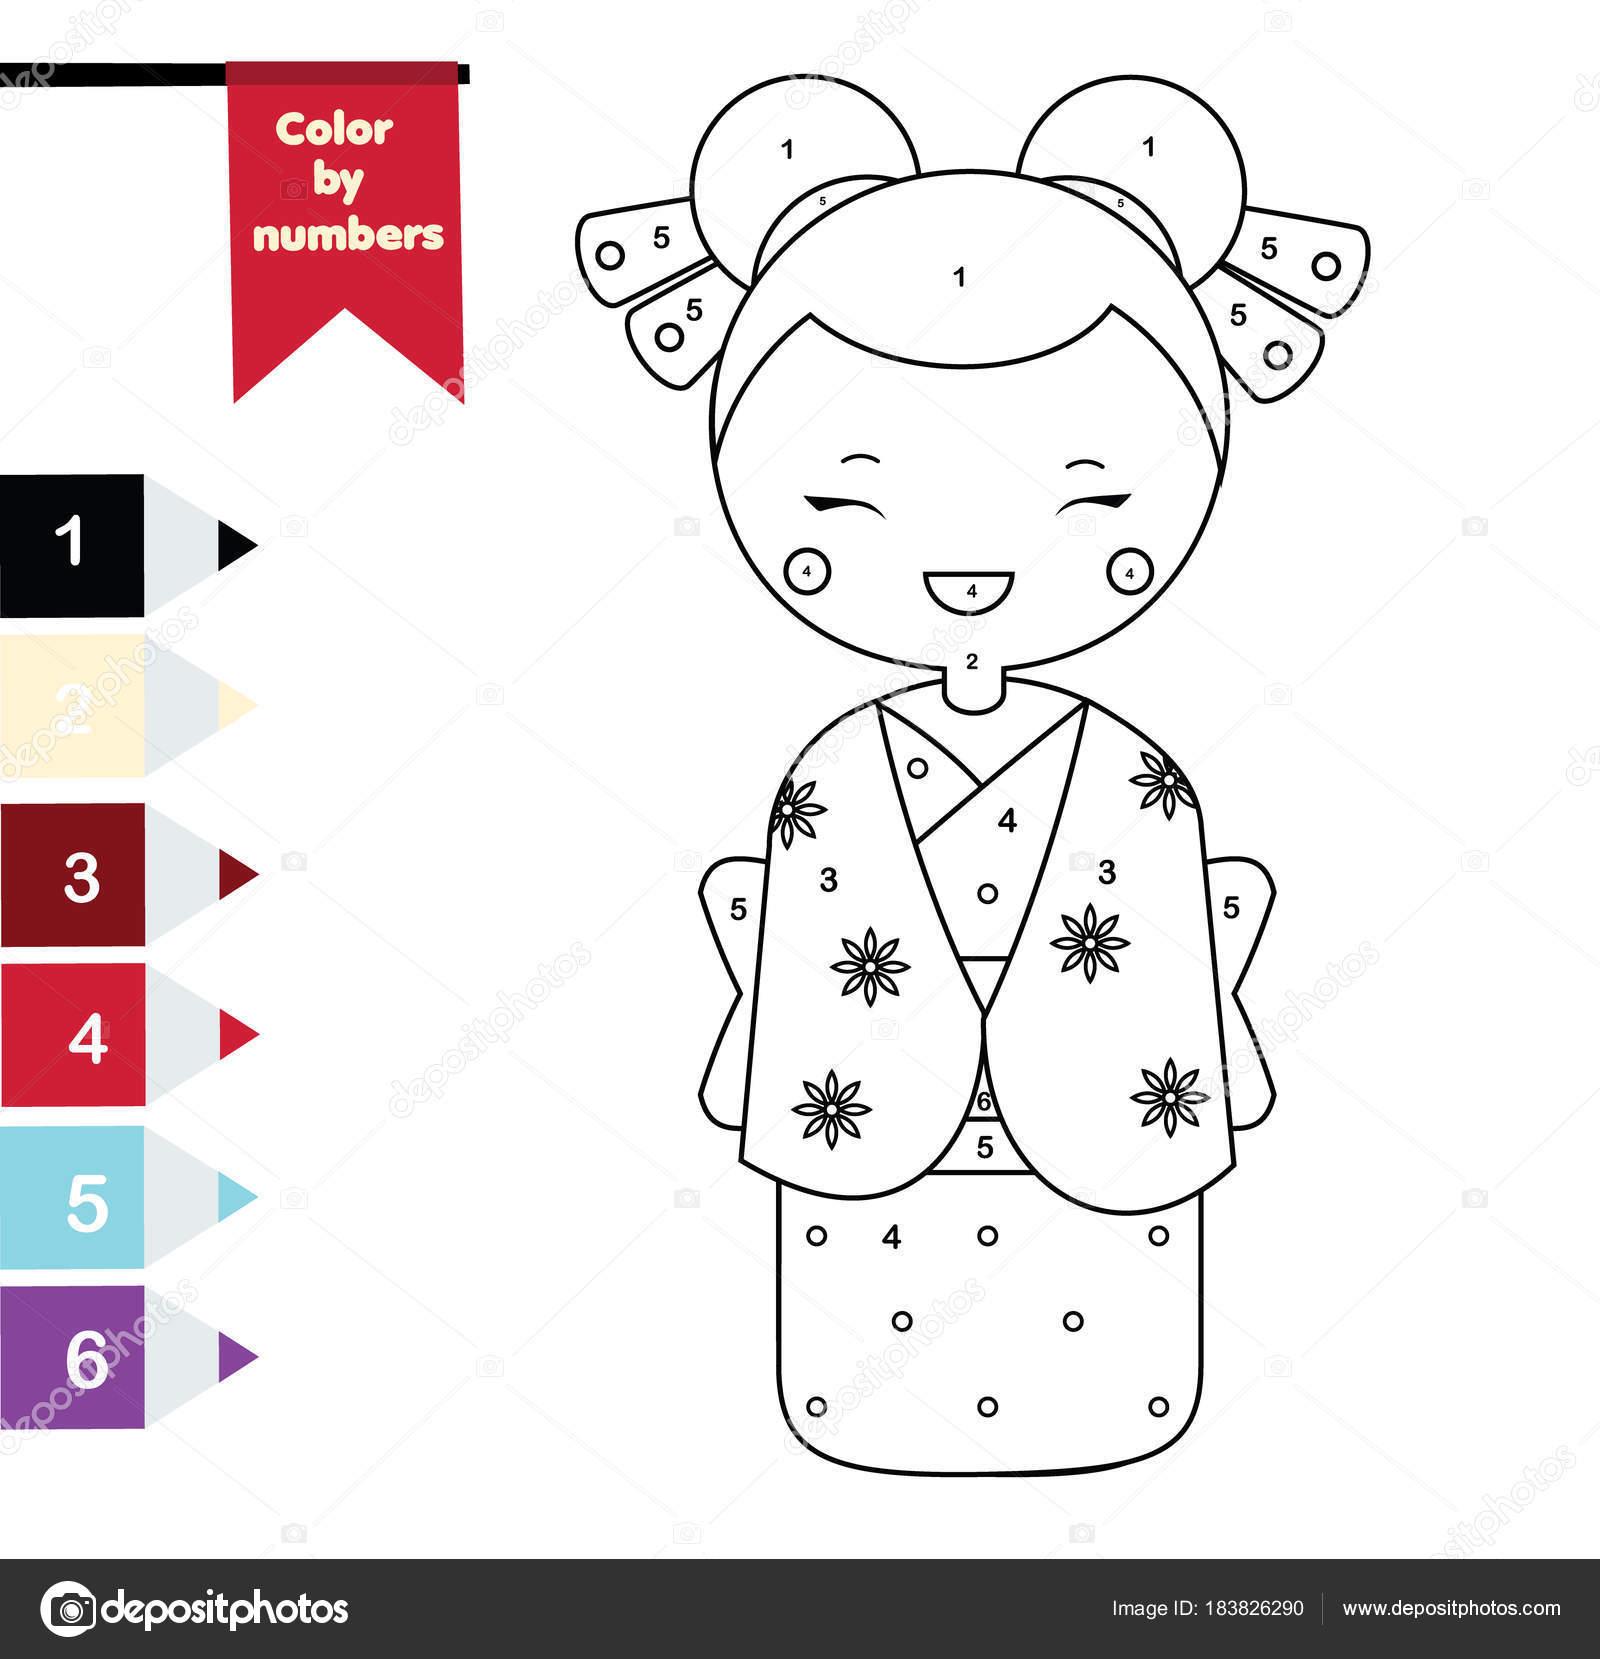 çocuk Eğitim Oyunu Kimono Japon Kız Ile Boyama Sayfası Sayılar